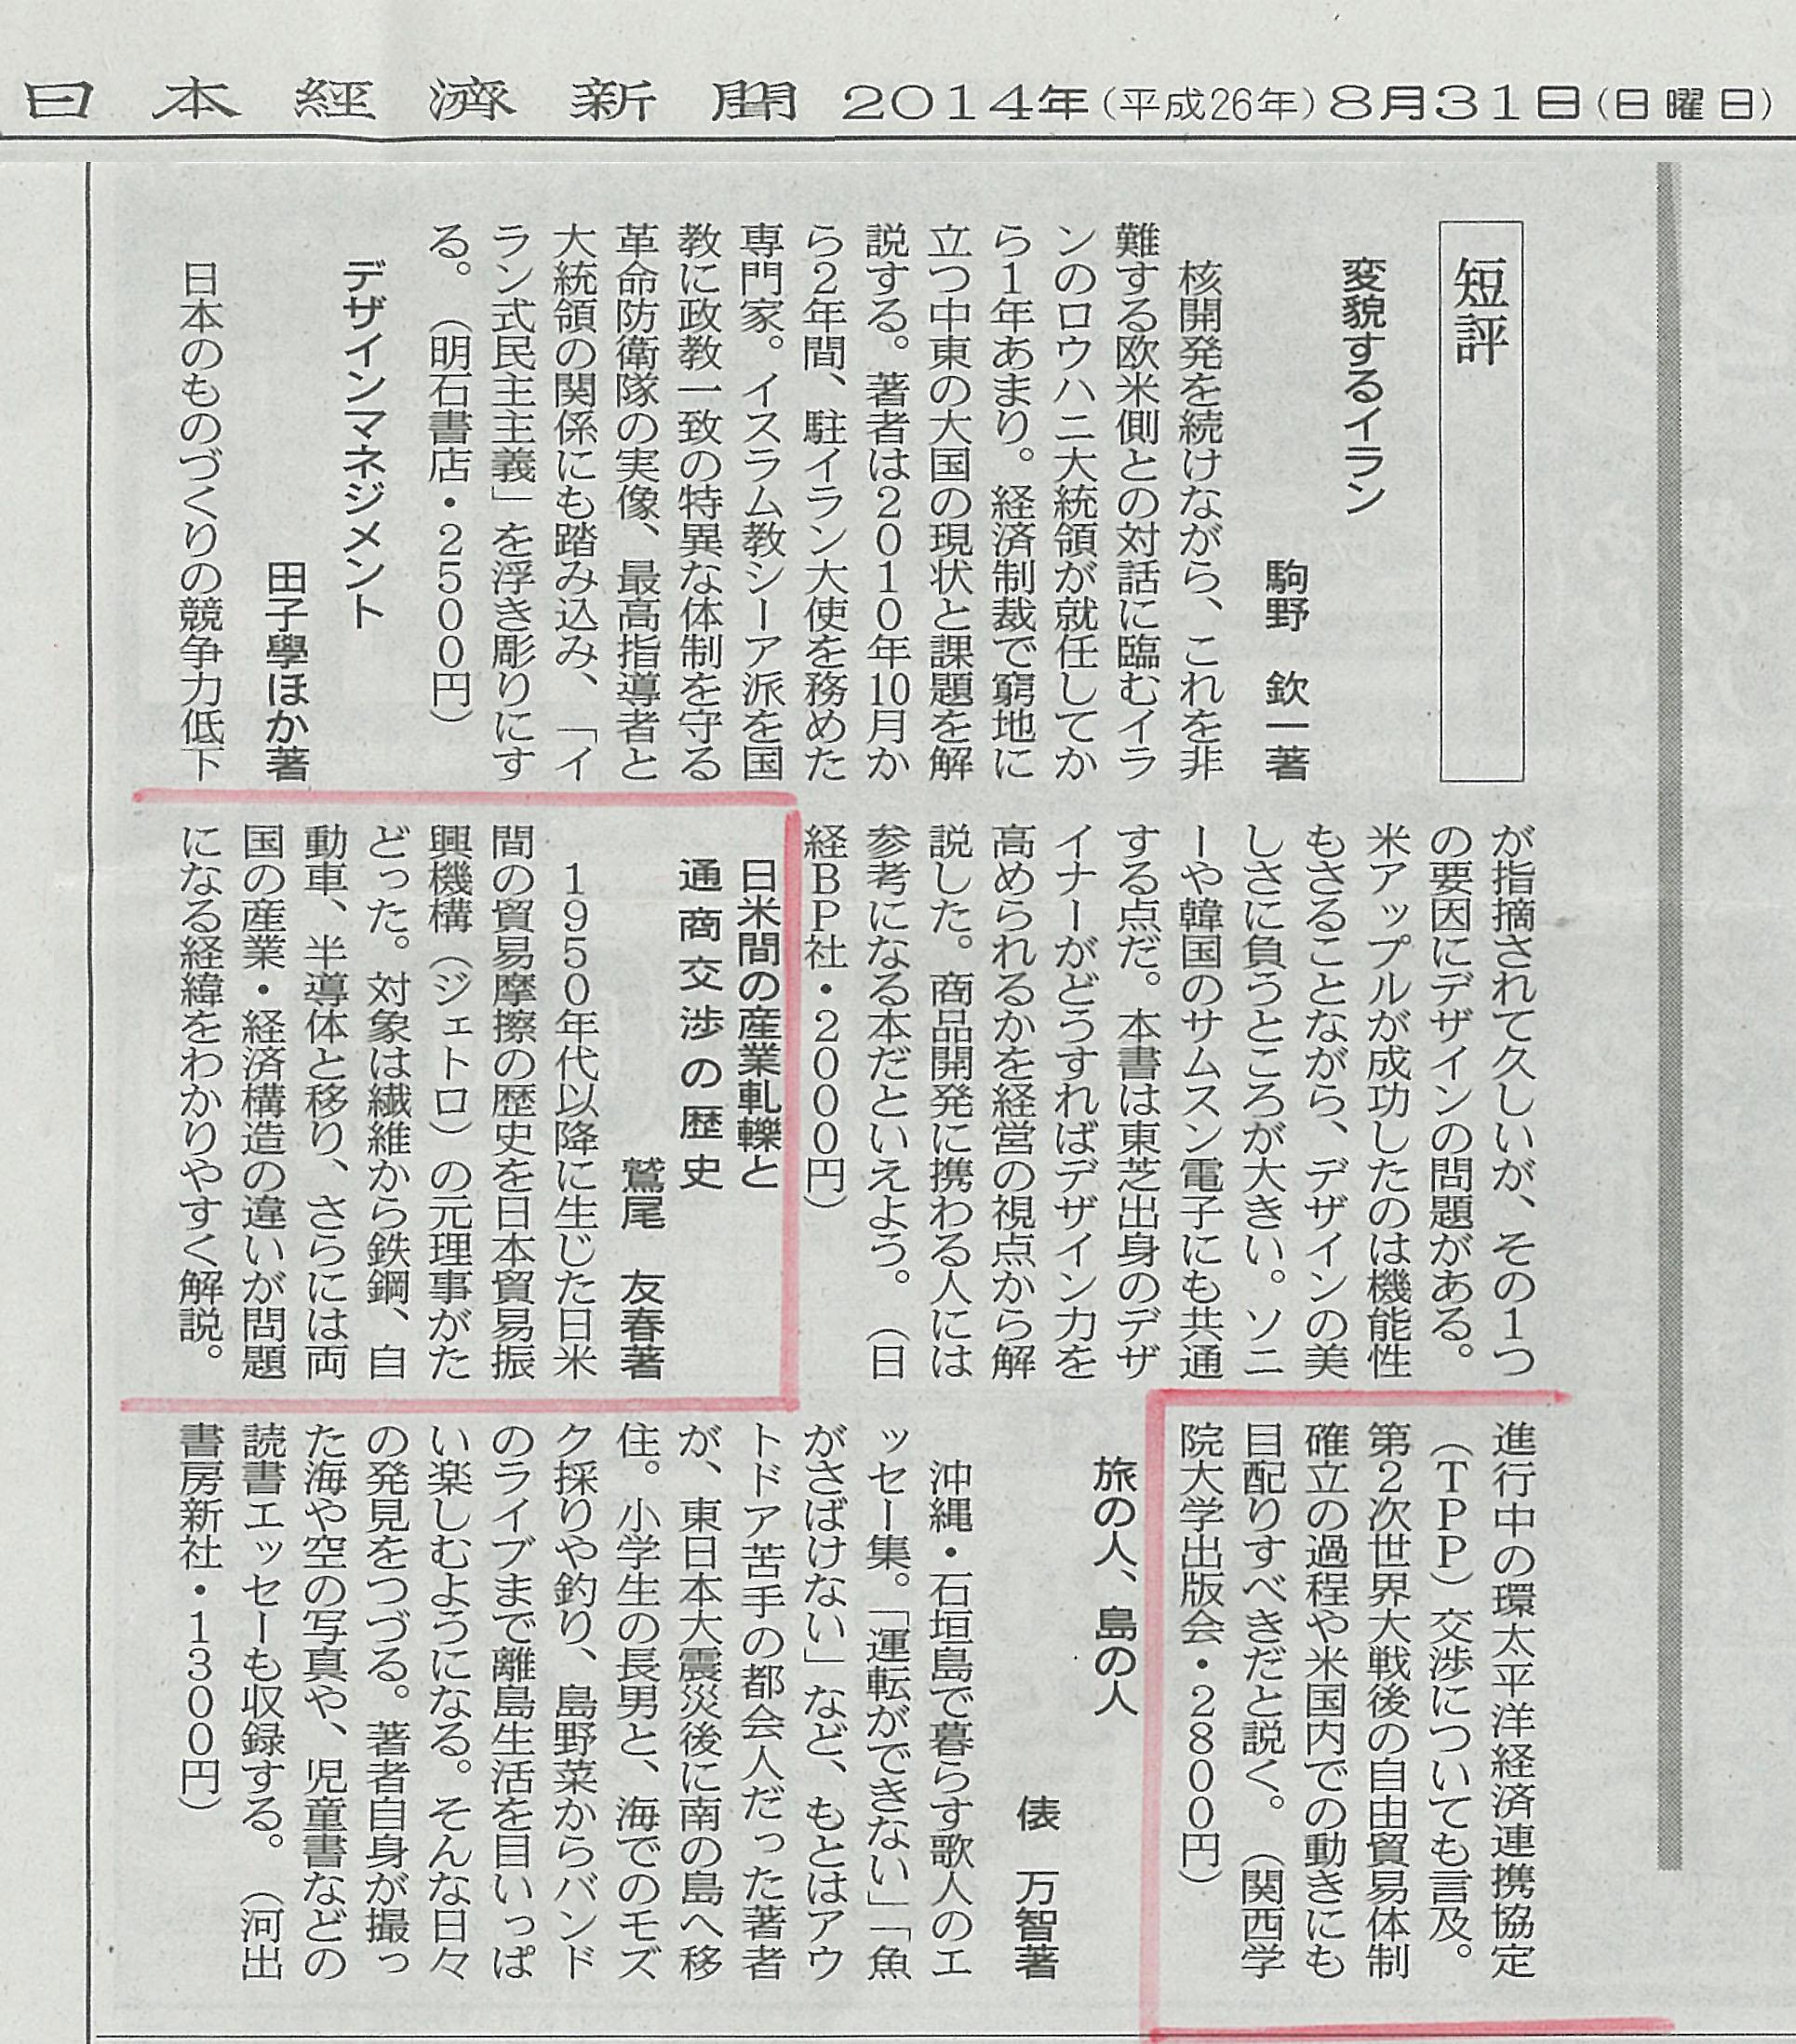 日米間産業軋轢と通商交渉の歴史 新聞記事